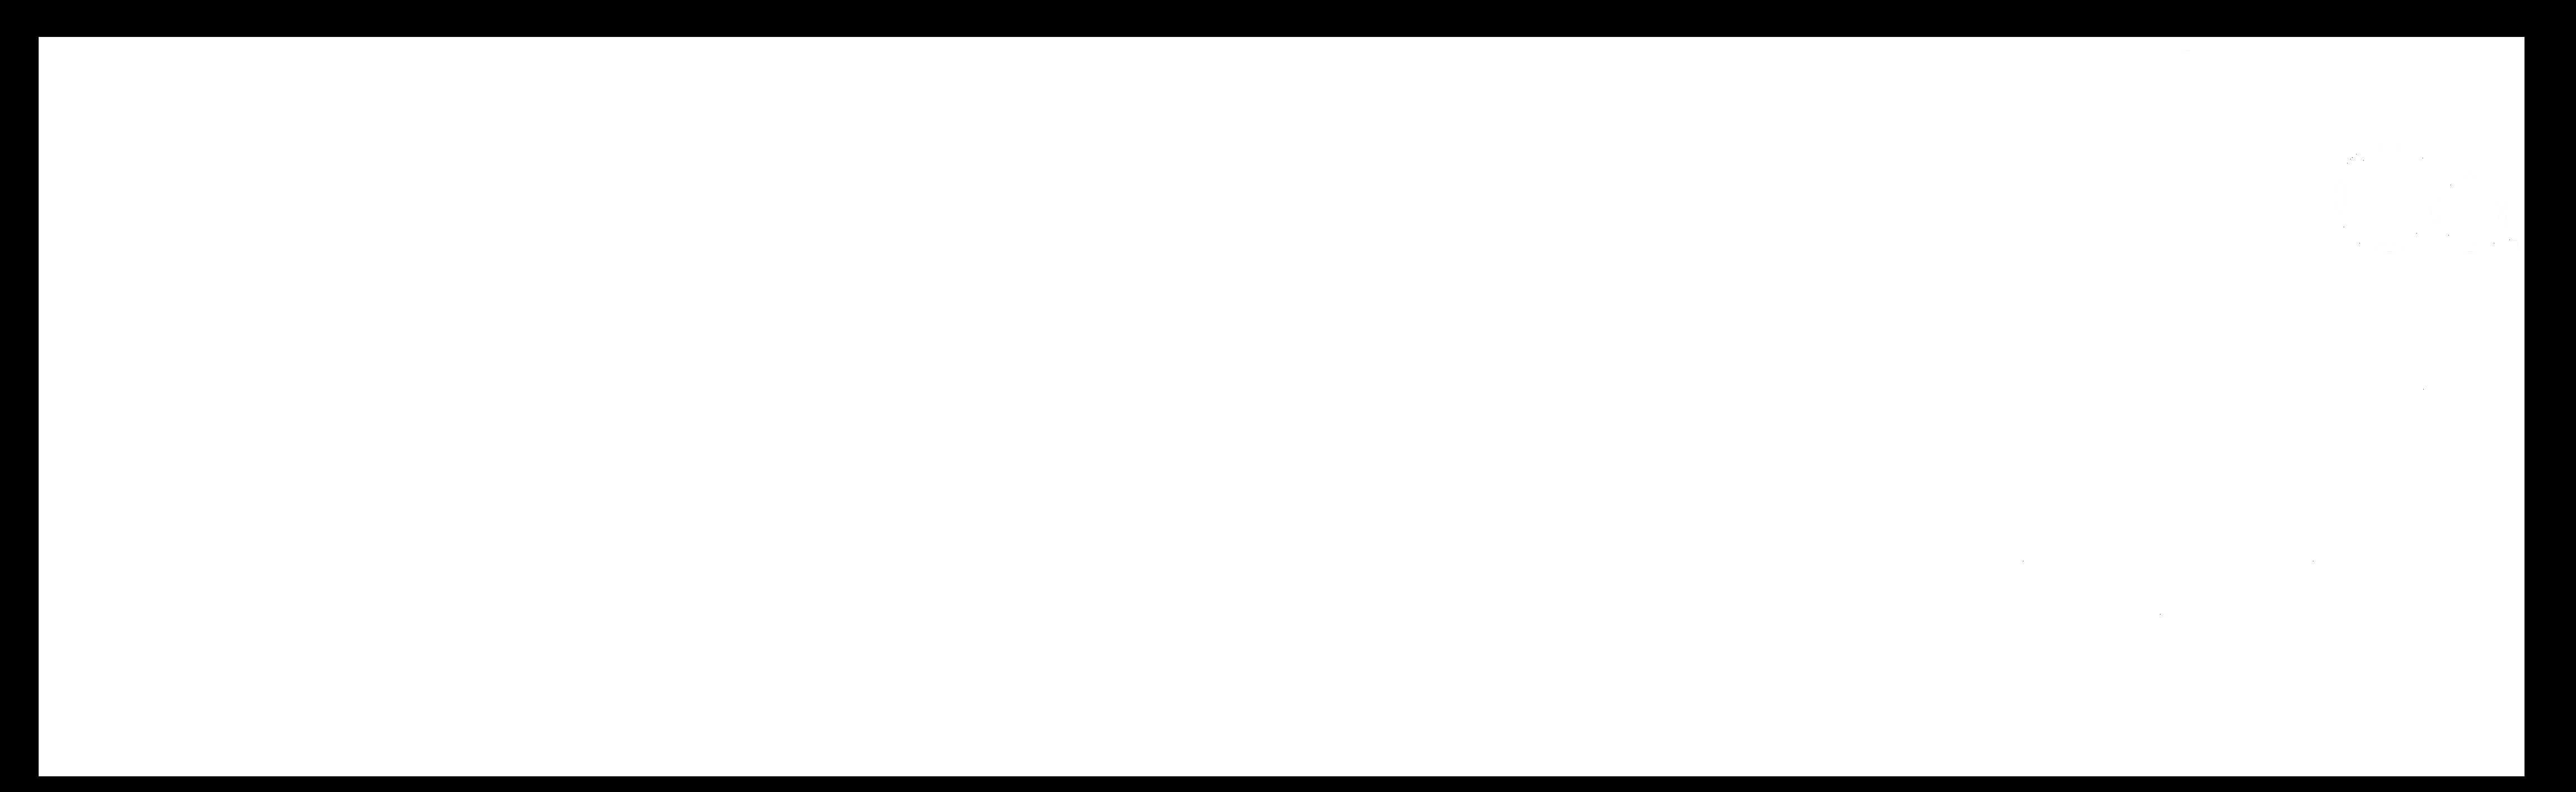 Holly Mack-Ward & Co.